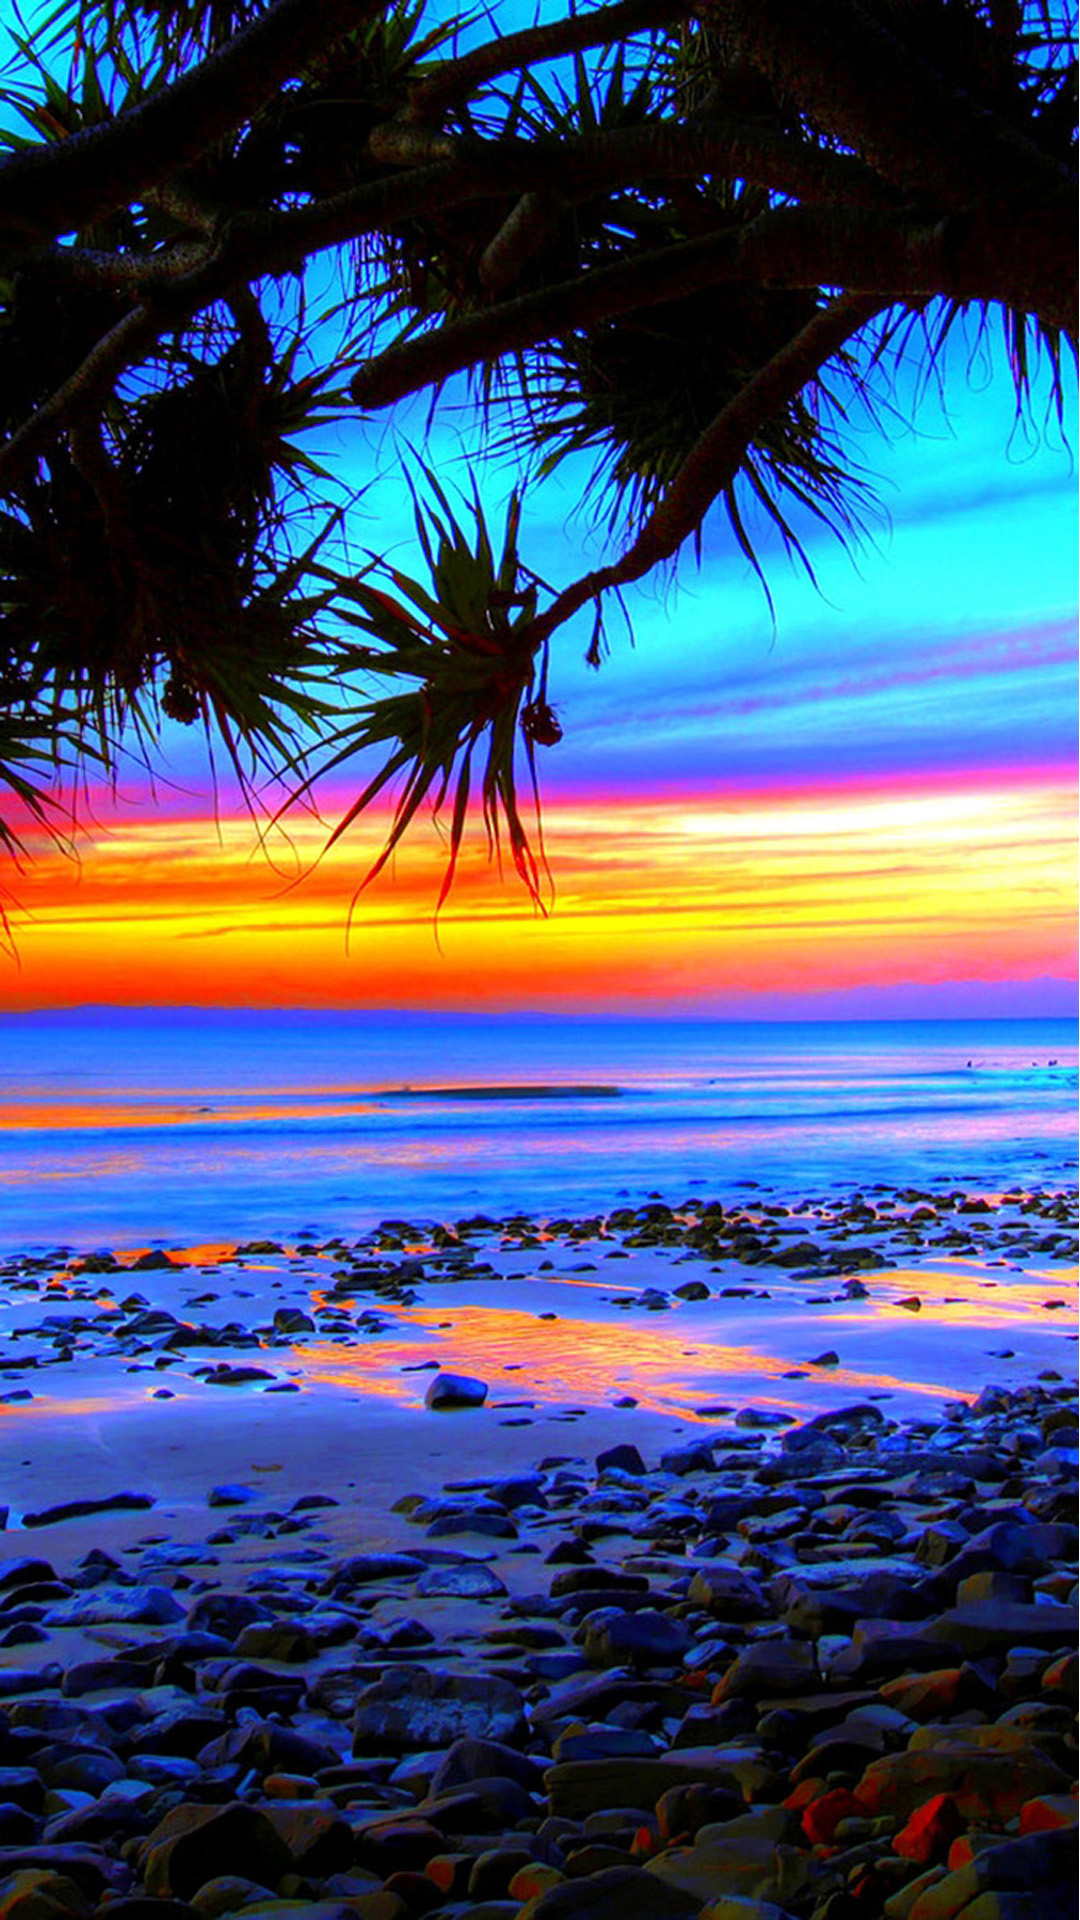 Beach Wallpaper for iPhone 6 - WallpaperSafari